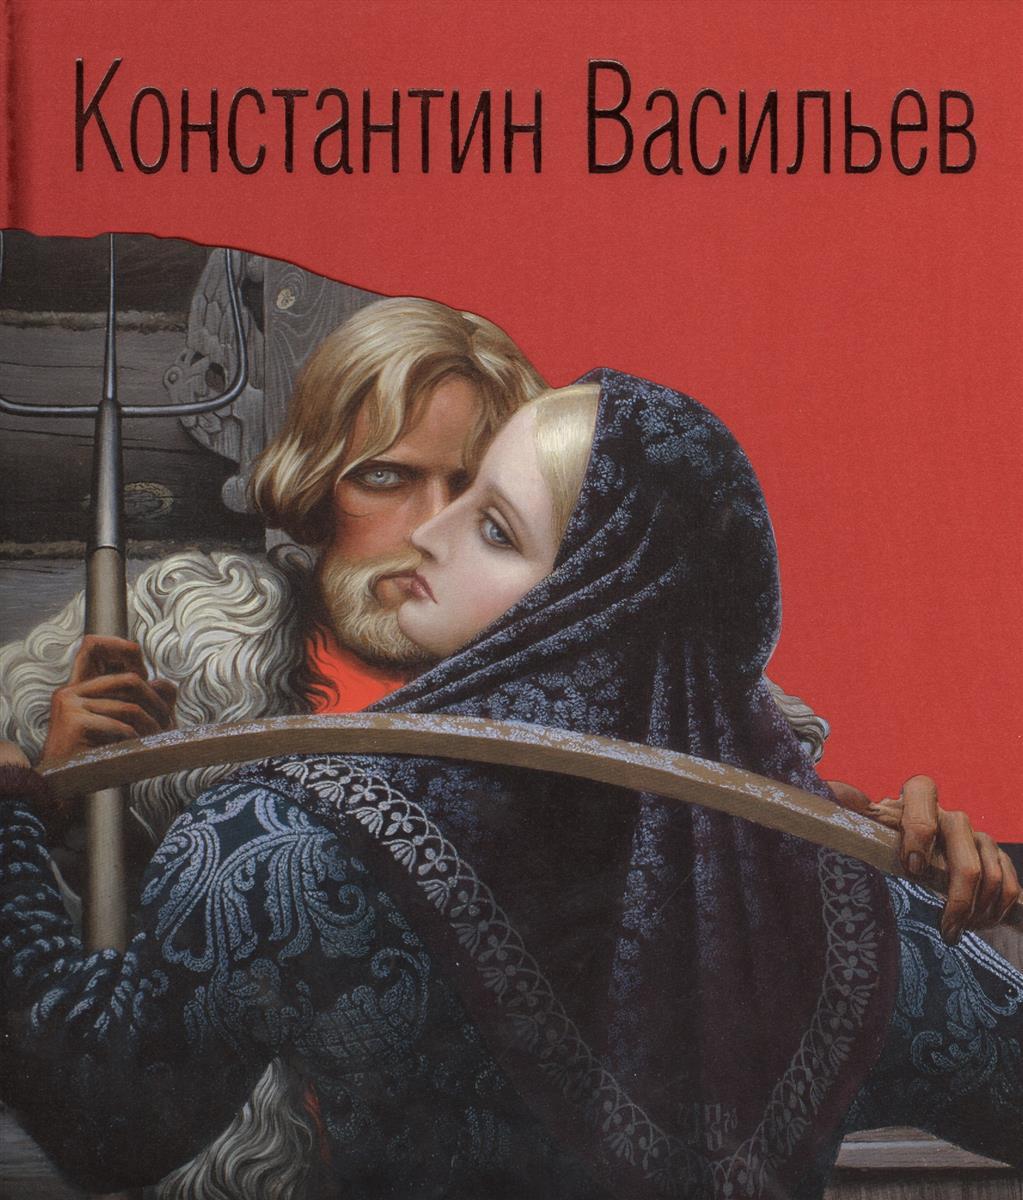 Васильева В. Константин Васильев. Жизнь и творчество. Иллюстрированный альбом ISBN: 9785699674213